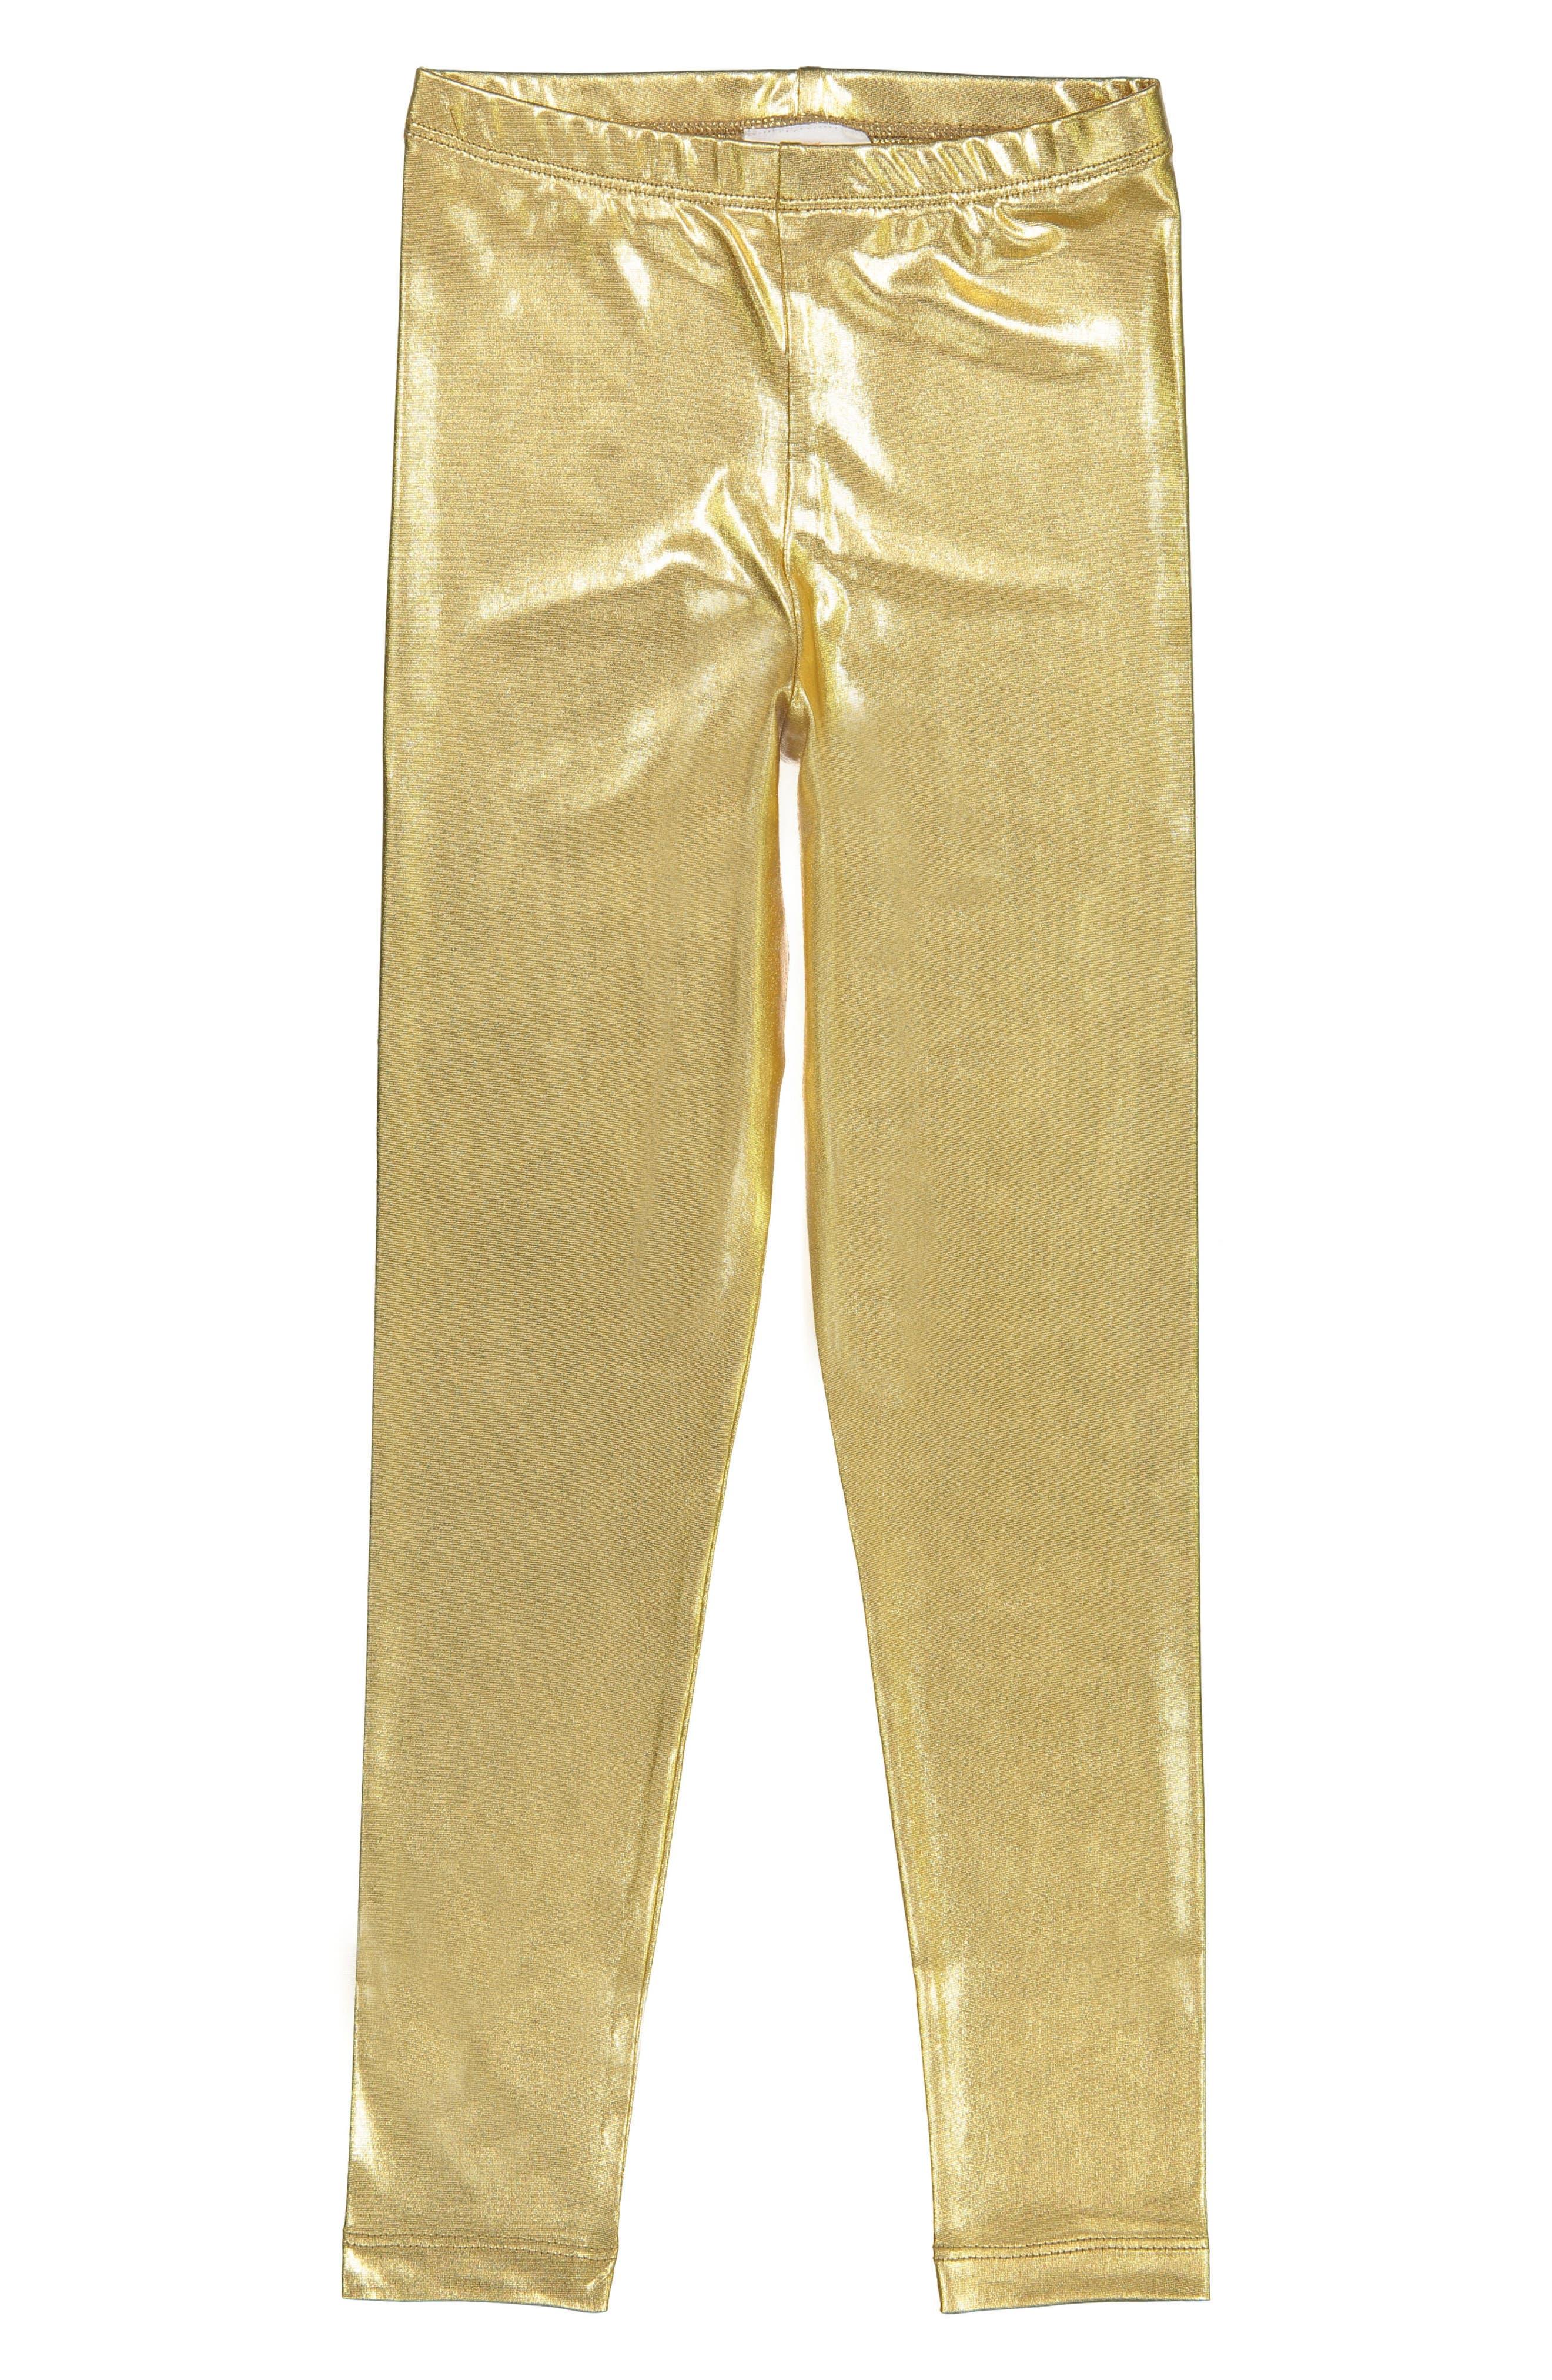 Gold Metallic Leggings,                         Main,                         color, Gold